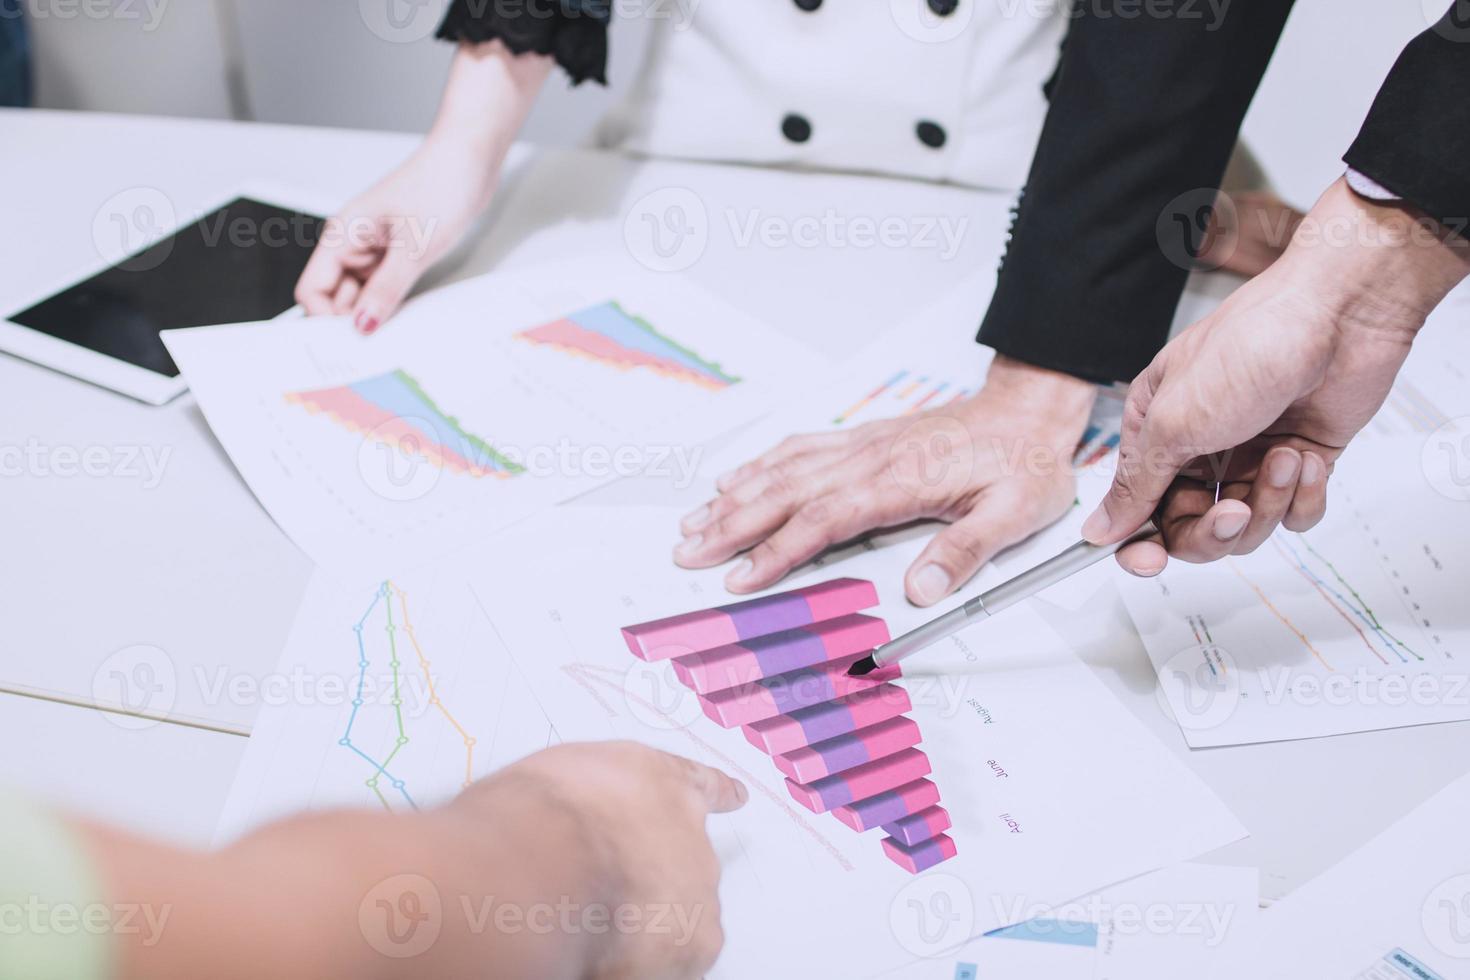 lluvia de ideas del equipo de negocios con gráficos foto